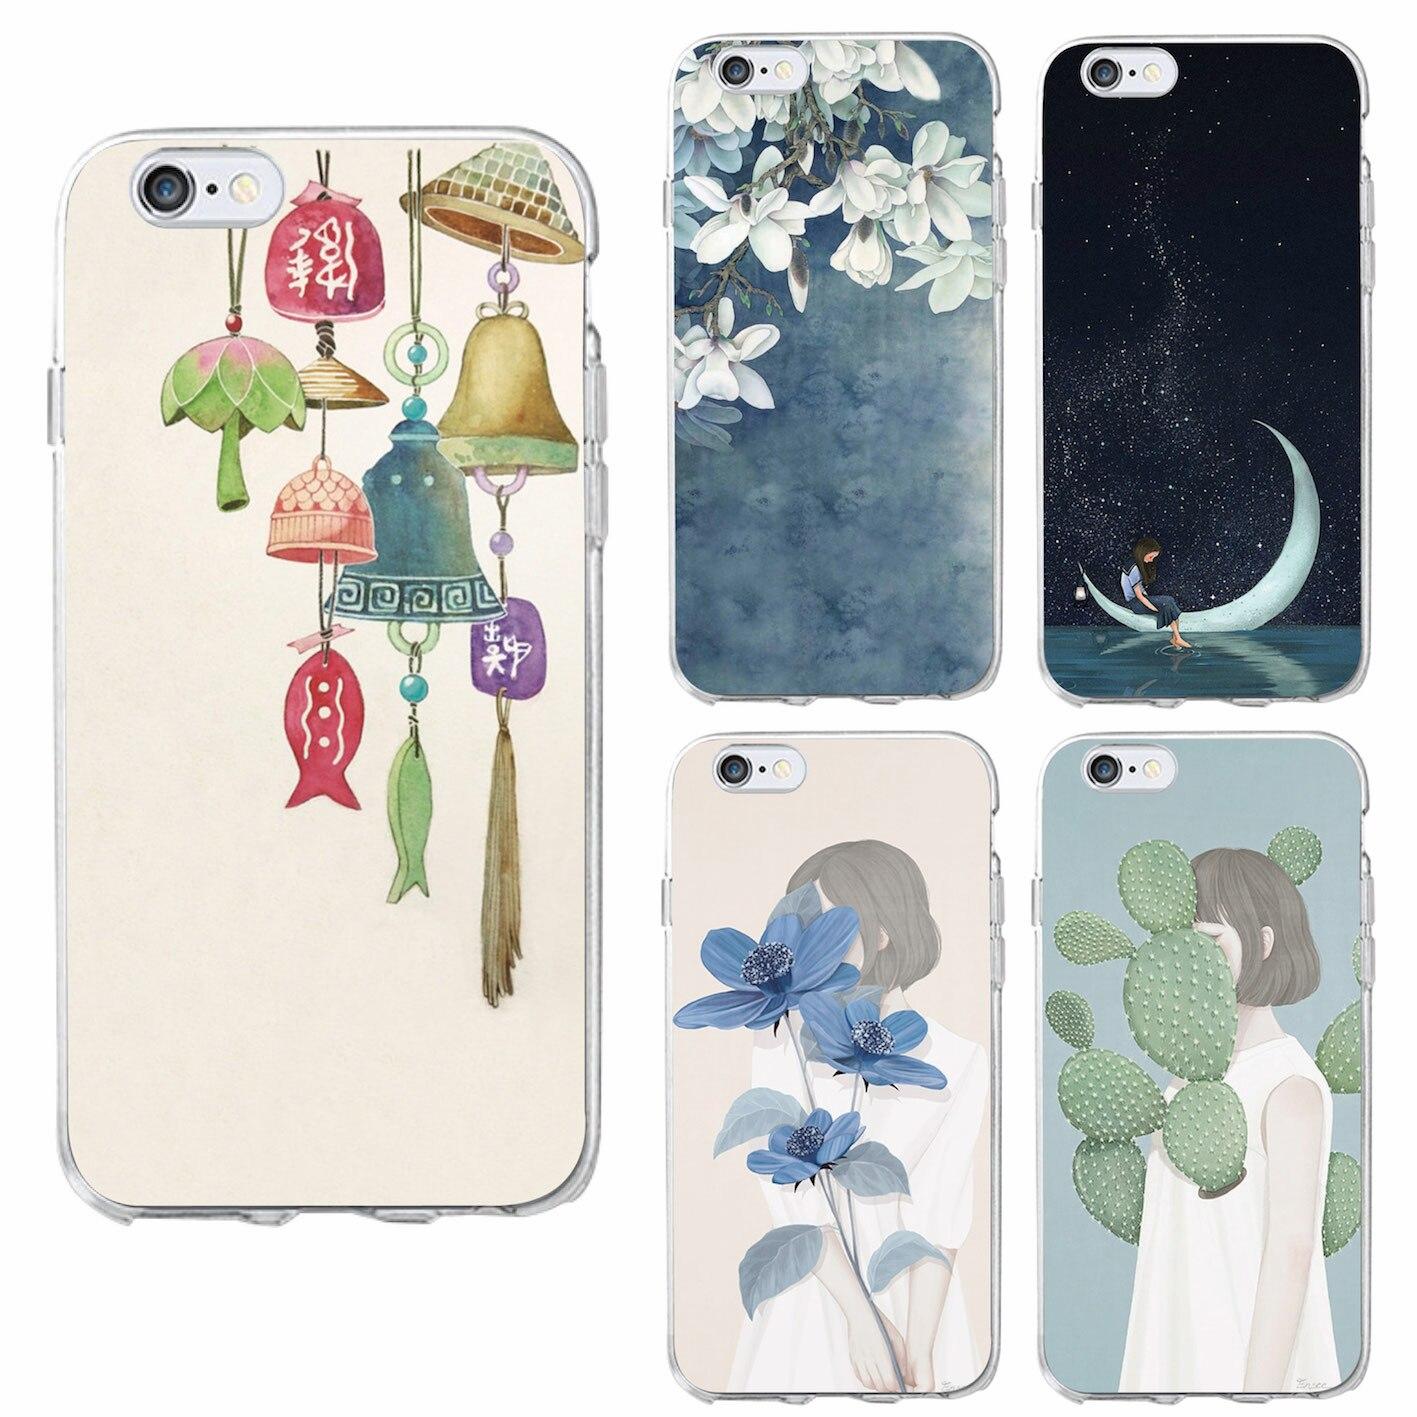 Corea del arte dibujo carillón campanas de viento moon star silencio chica flora